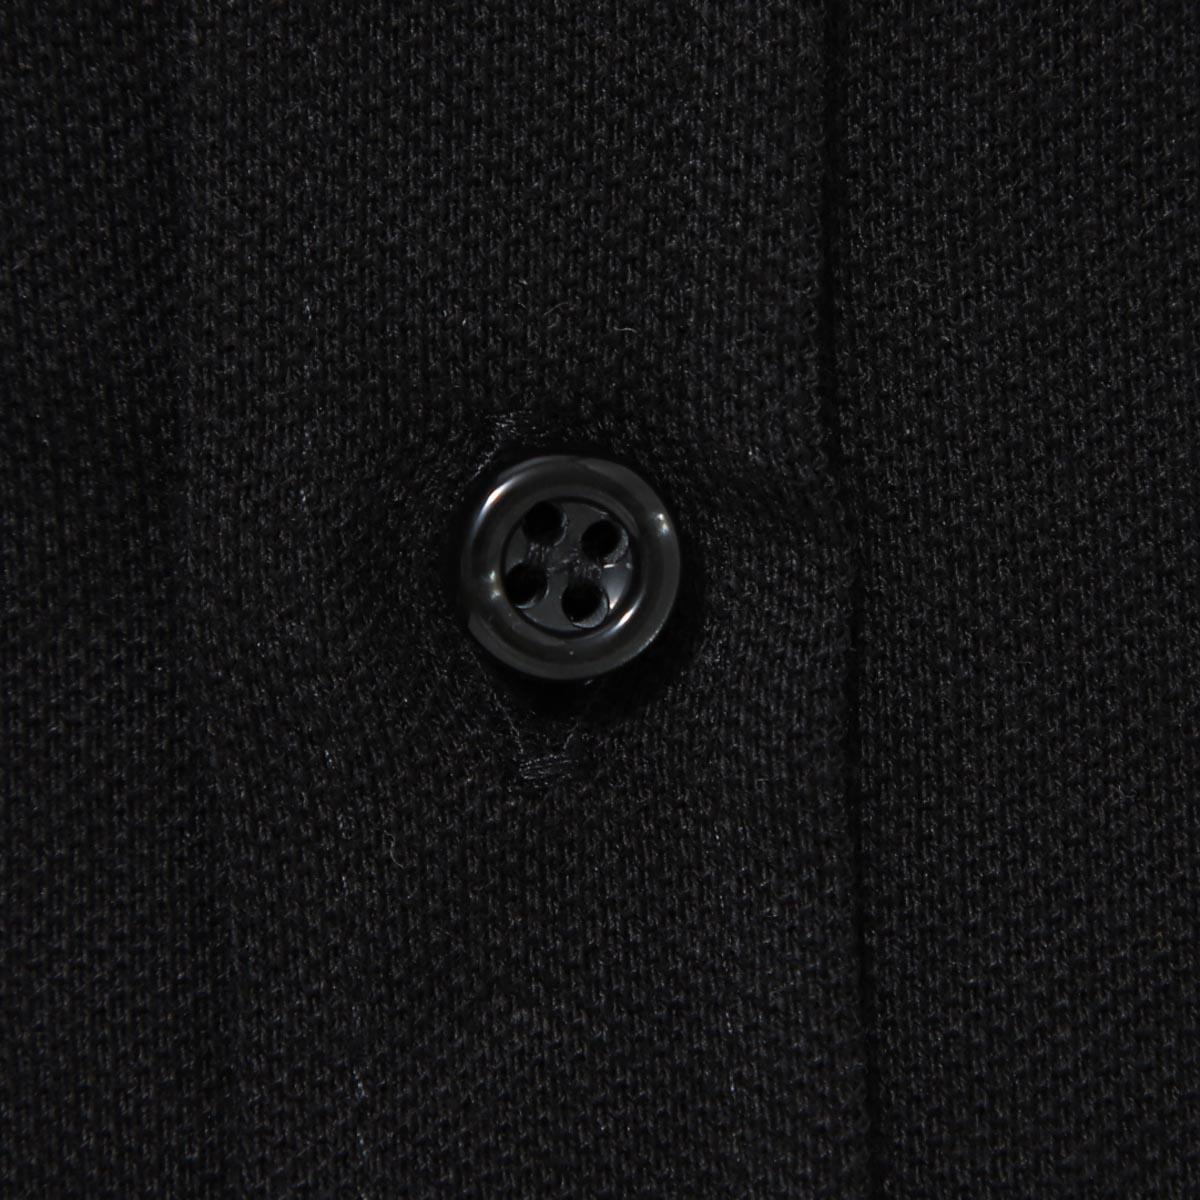 【タイムセール TOPS】GUY ROVER ギローバー ホリゾンタルカラー シャツ/POLO MENS SHIRT メンズ